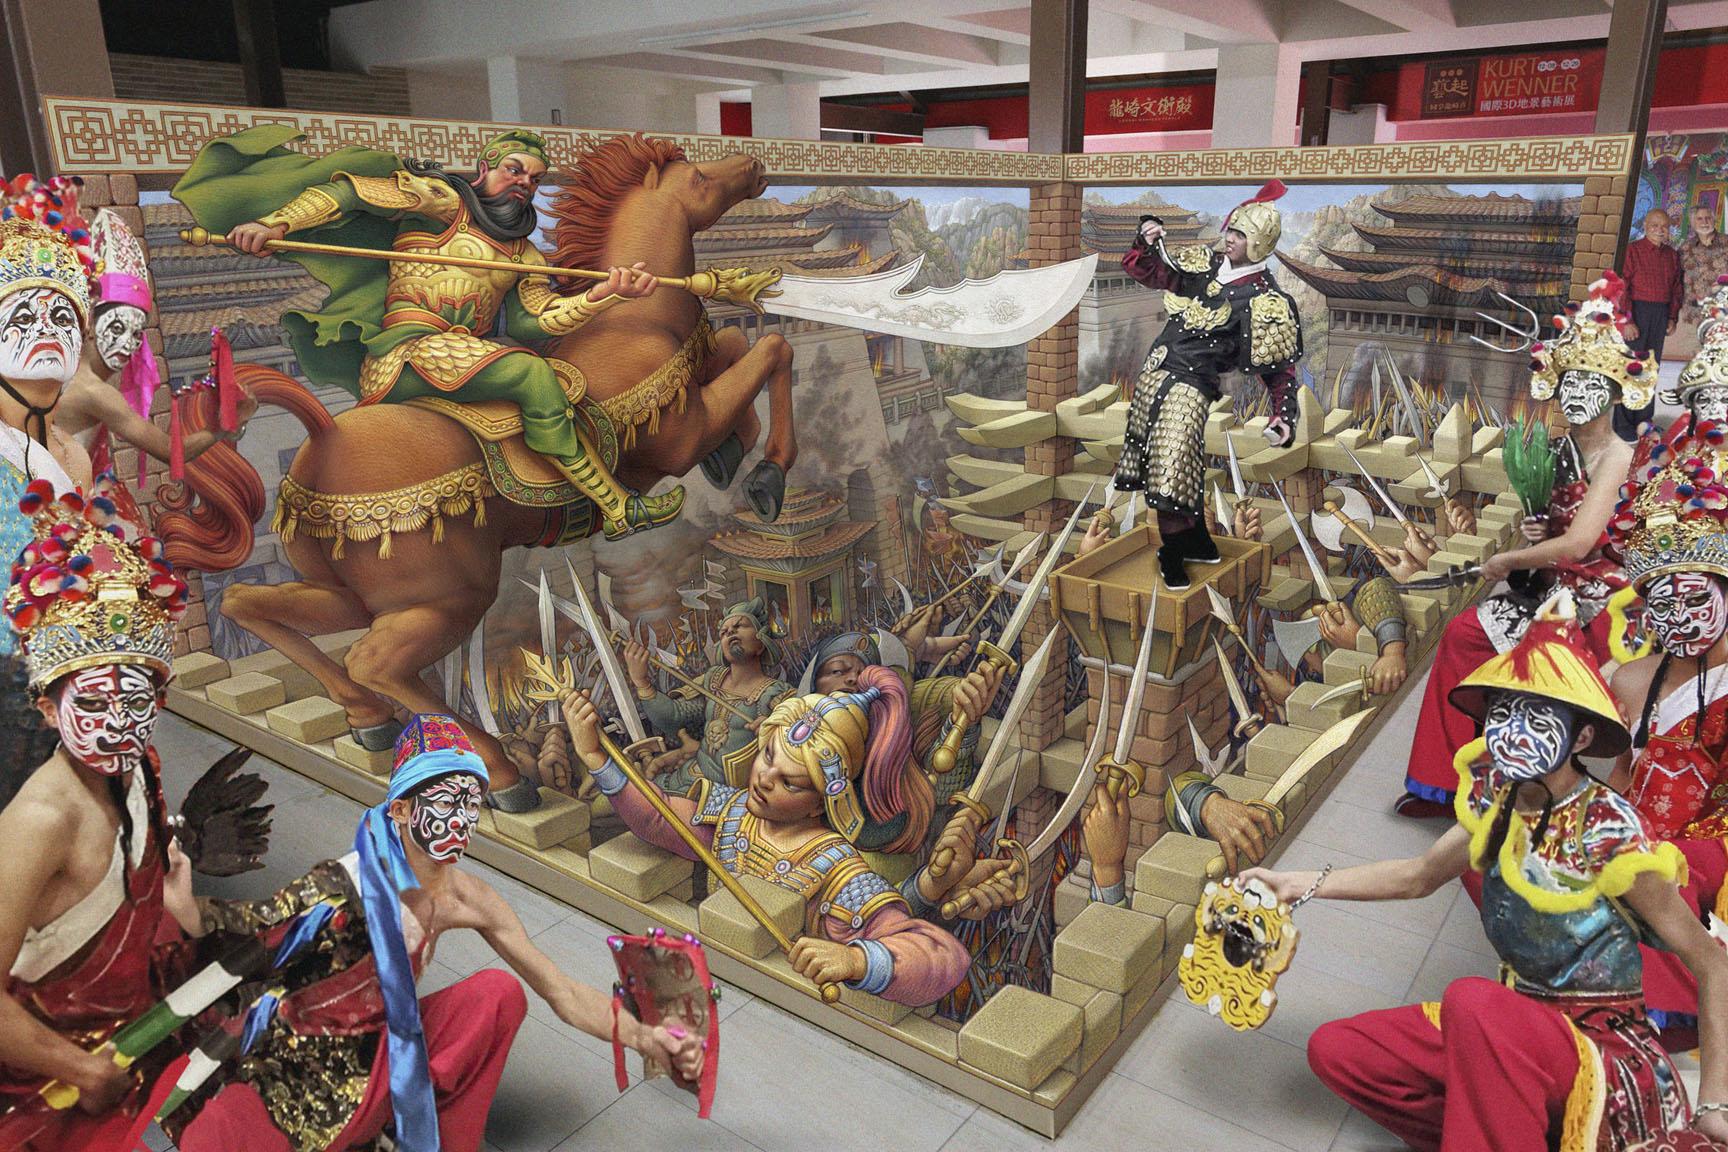 Čo je maľba a čo je skutočné? Dokonalá ilúzia z pera Kurta Wennera.